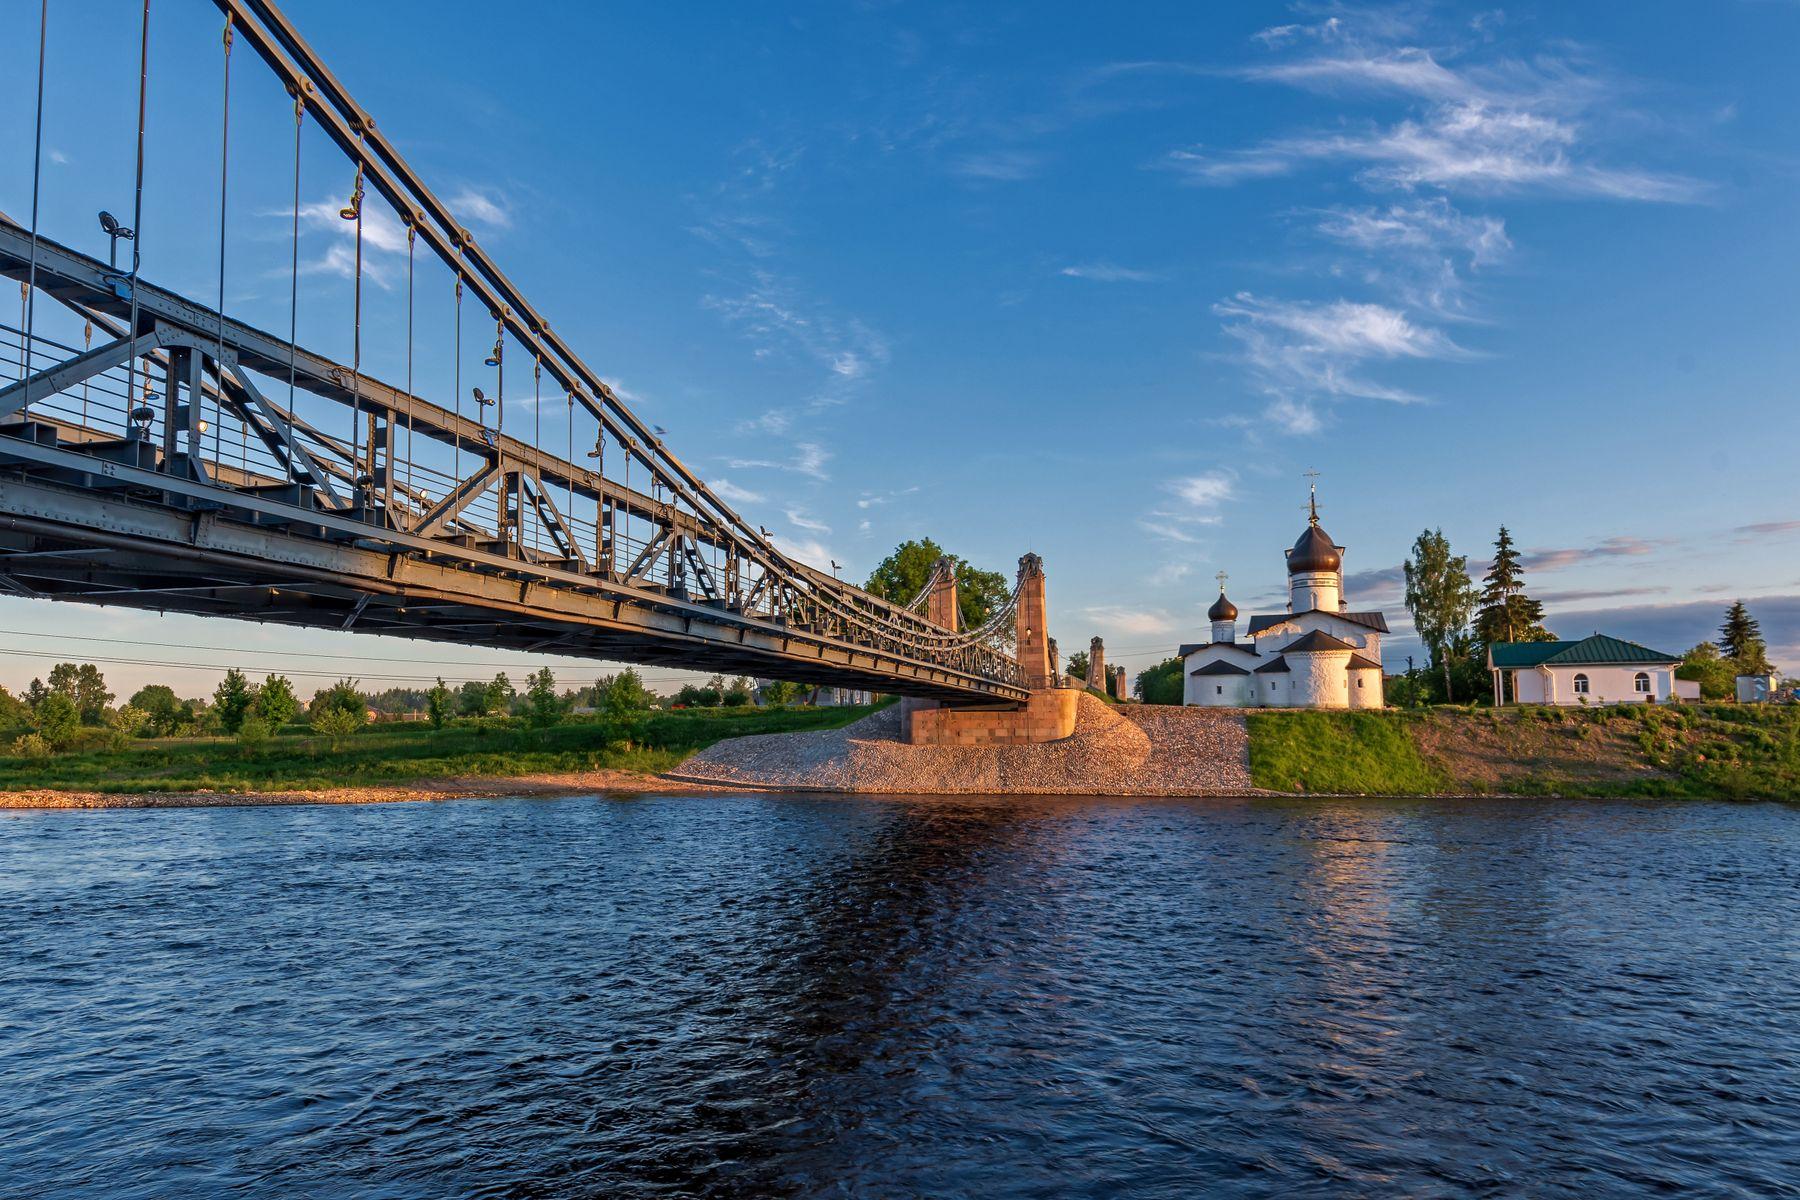 Цепные мосты (1853 г.) и Церковь Николая Чудотворца (1543 г.)